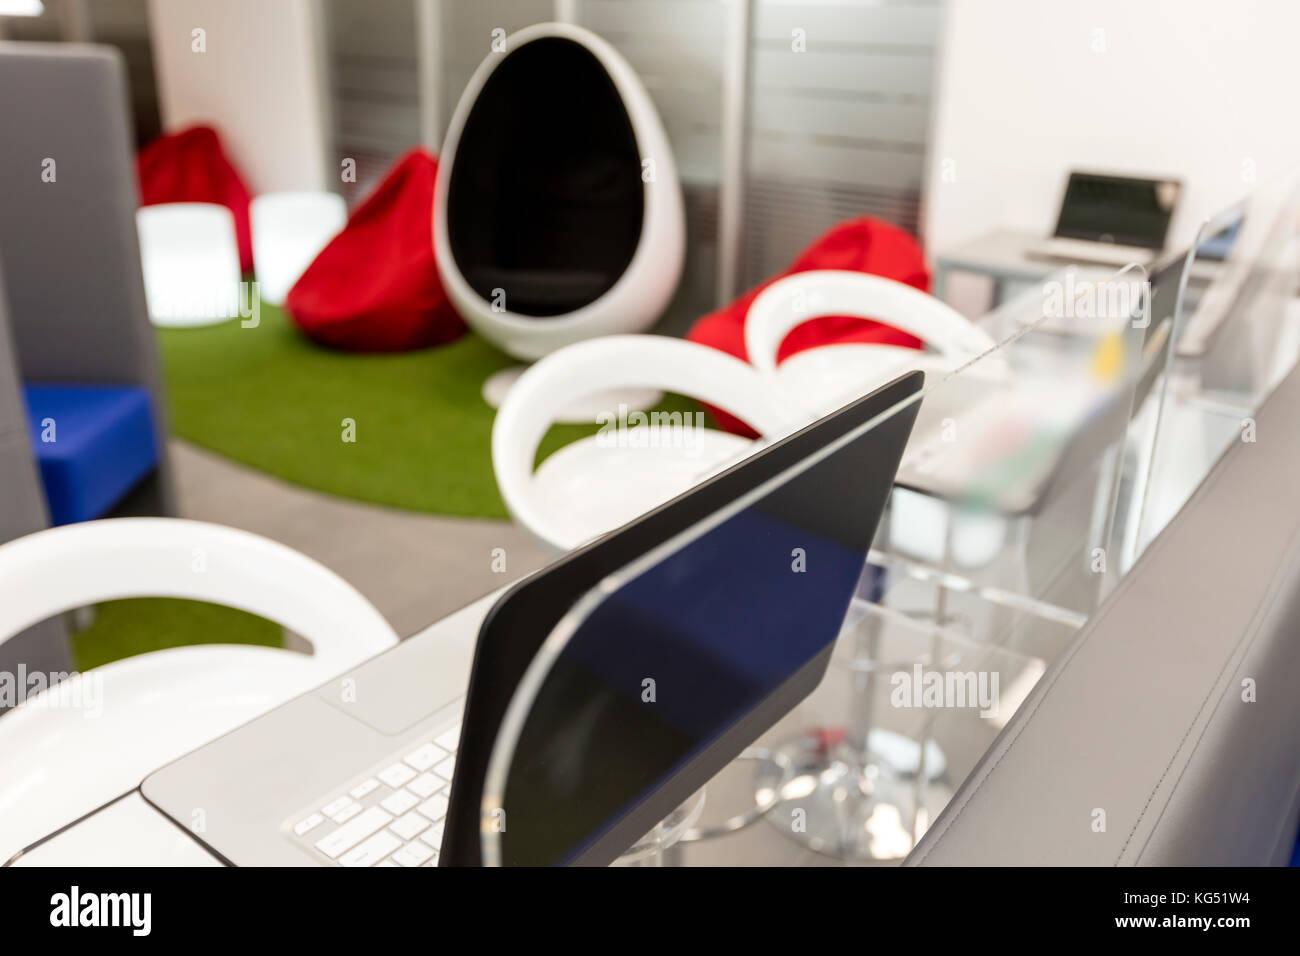 Ufficio moderno spazio con scrivania e computer portatili; lo spazio lounge in background. Immagini Stock